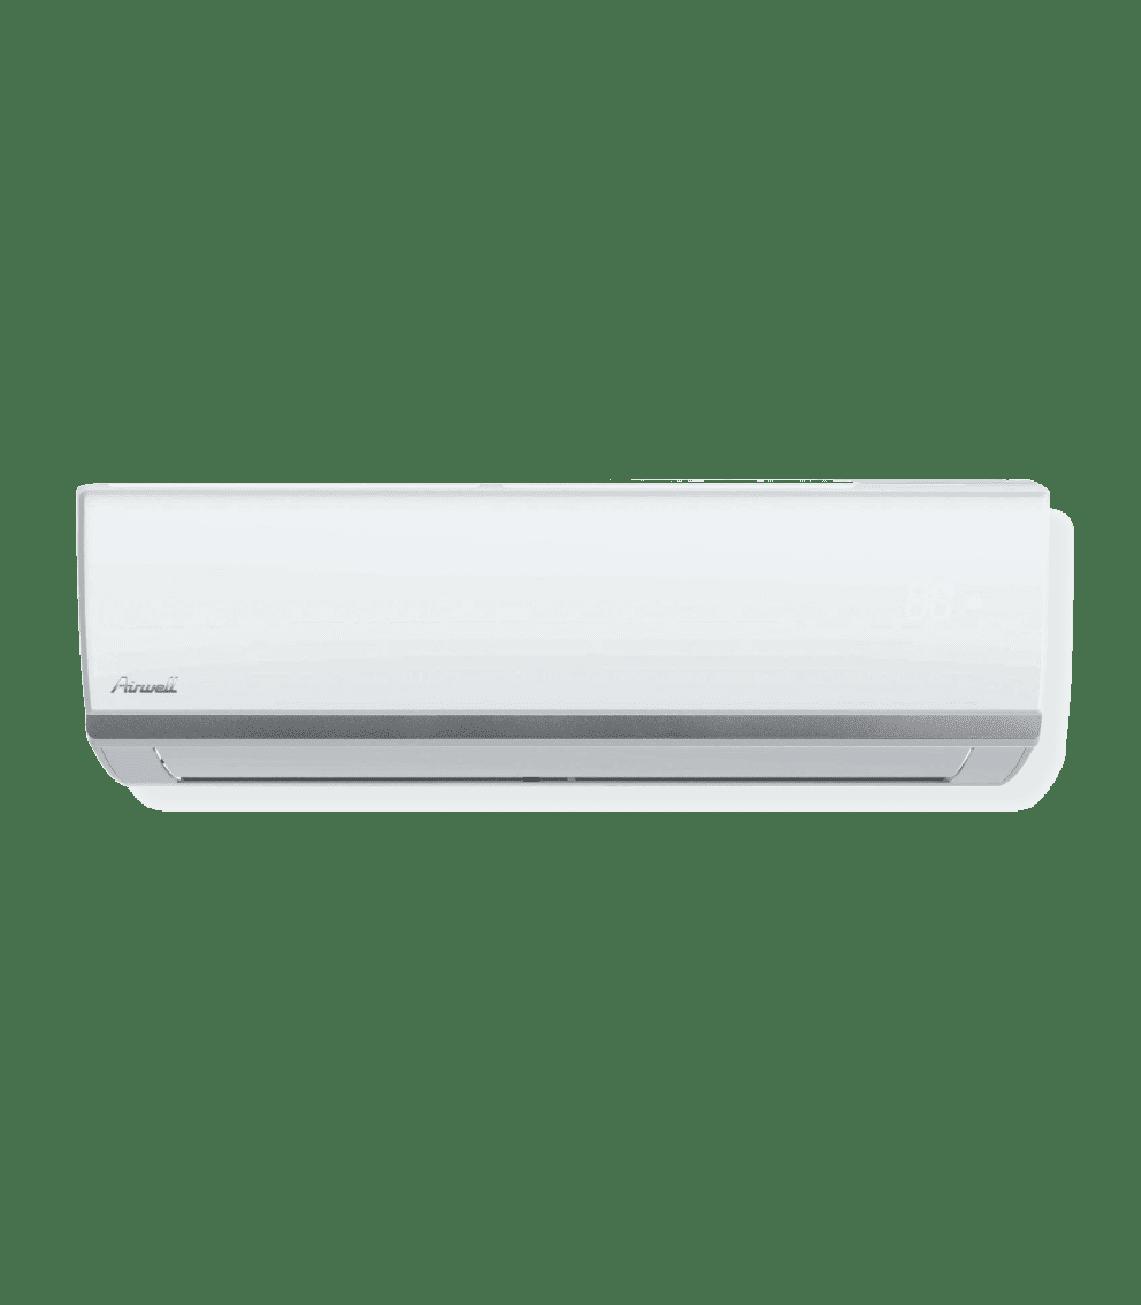 Airwell Unité Intérieure Murale de Climatisation Pac Air 3.20-3.50 KW Split HDL012-N91